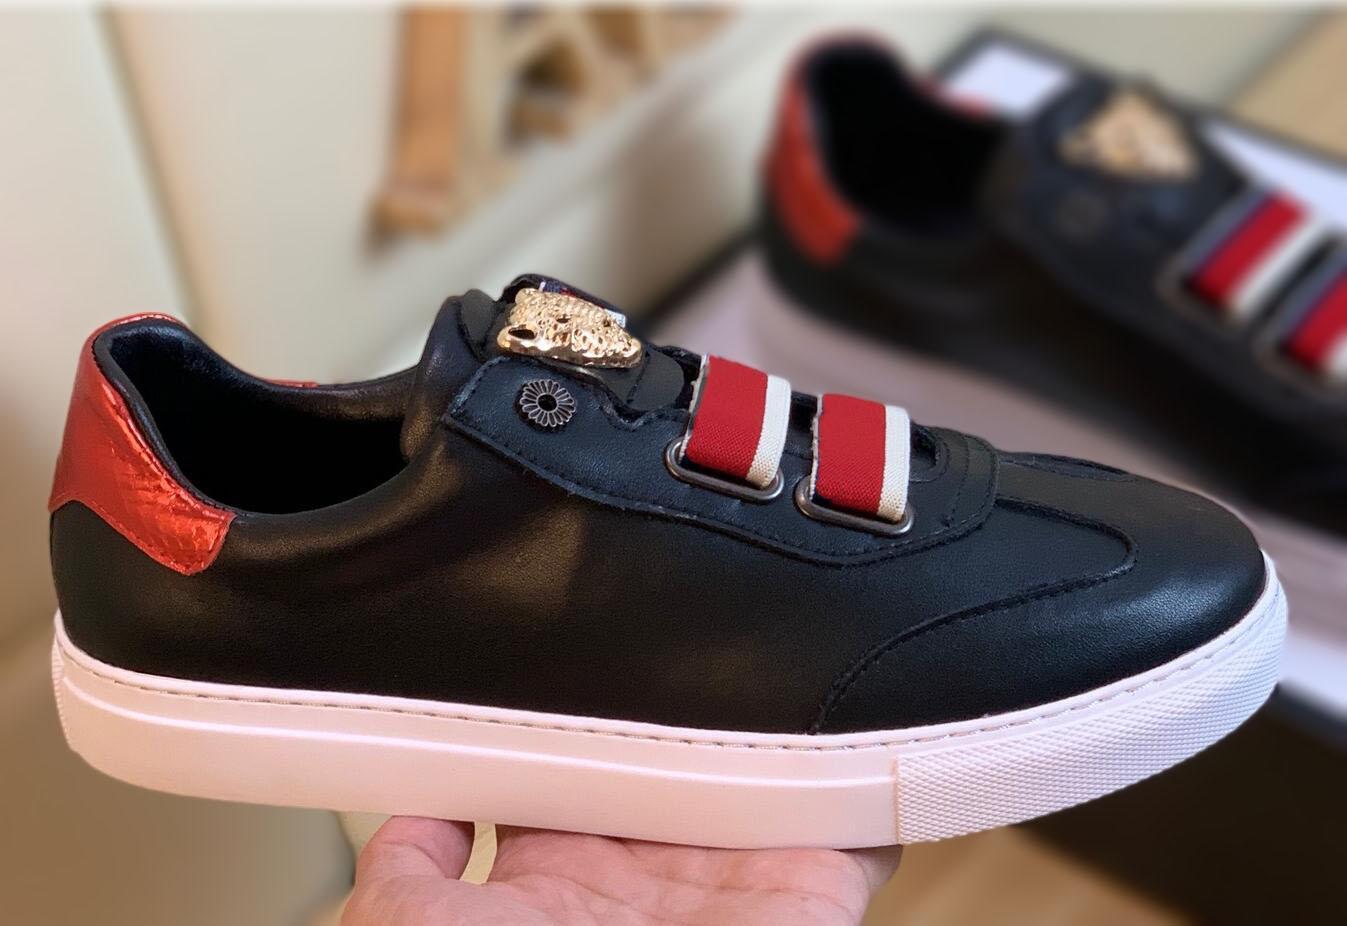 2020 nuovo modo delle donne degli uomini progettista del cuoio genuino superiore piana casuale del progettista degli uomini della scarpa da tennis all'aperto leopardo testa logo Casual Shoes